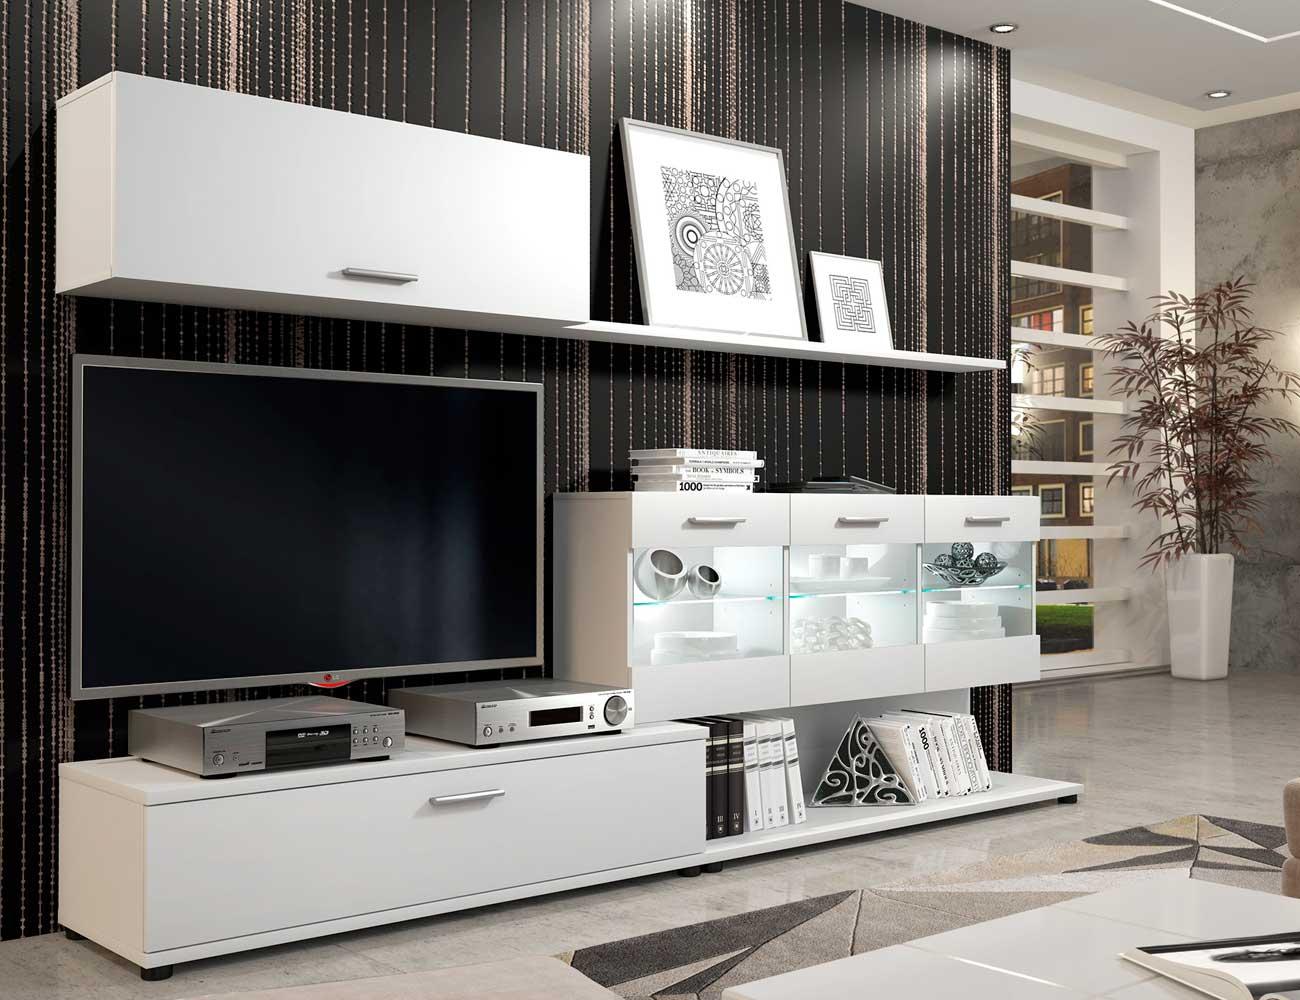 Mueble de sal n estilo moderno con luces leds y blanco - Factory del mueble sevilla ...